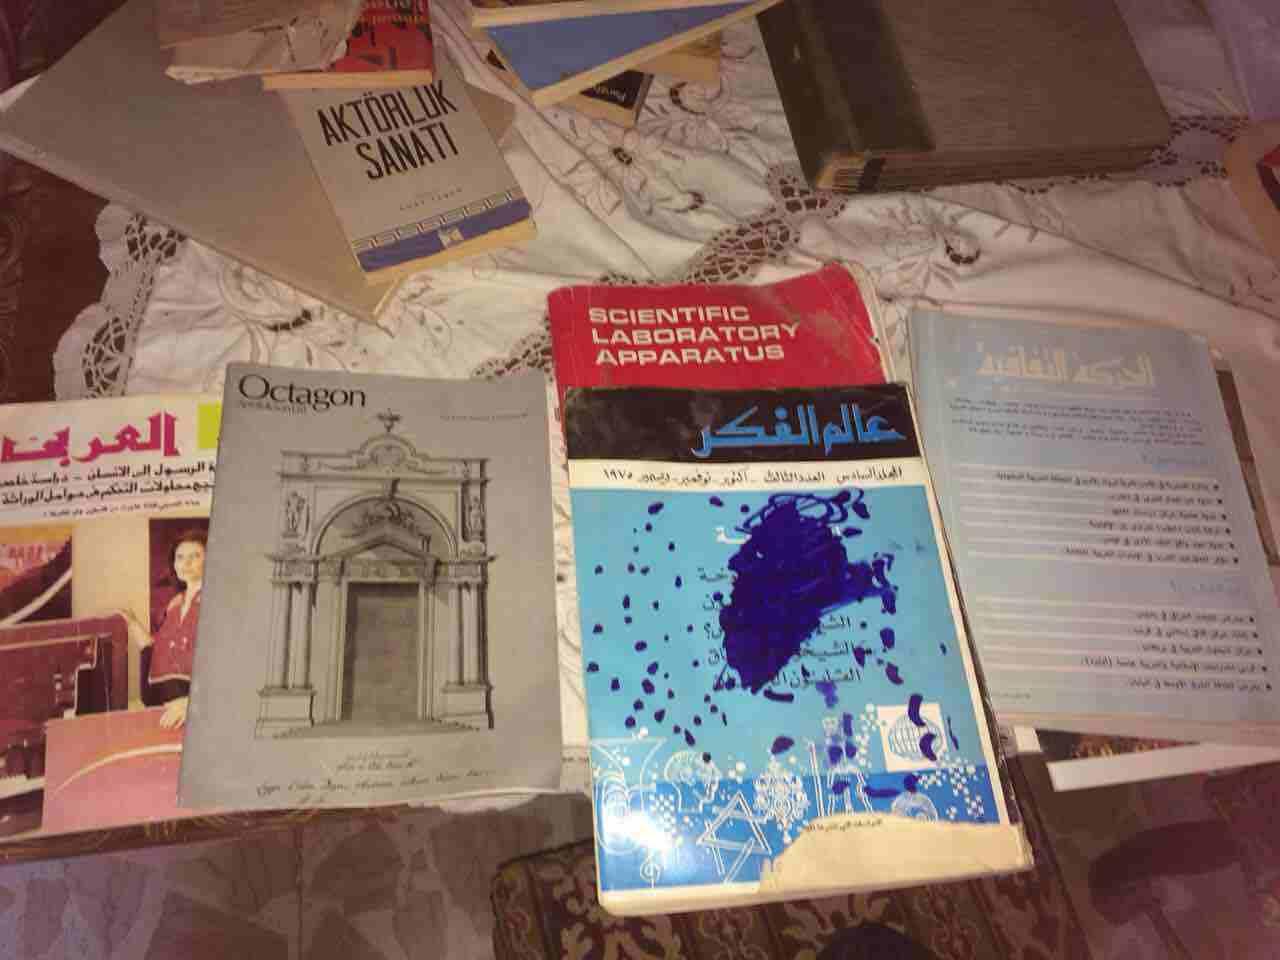 مجموعة كتب قديمة ونادرة. ٩٦١٠٣٠١٢١٠٠